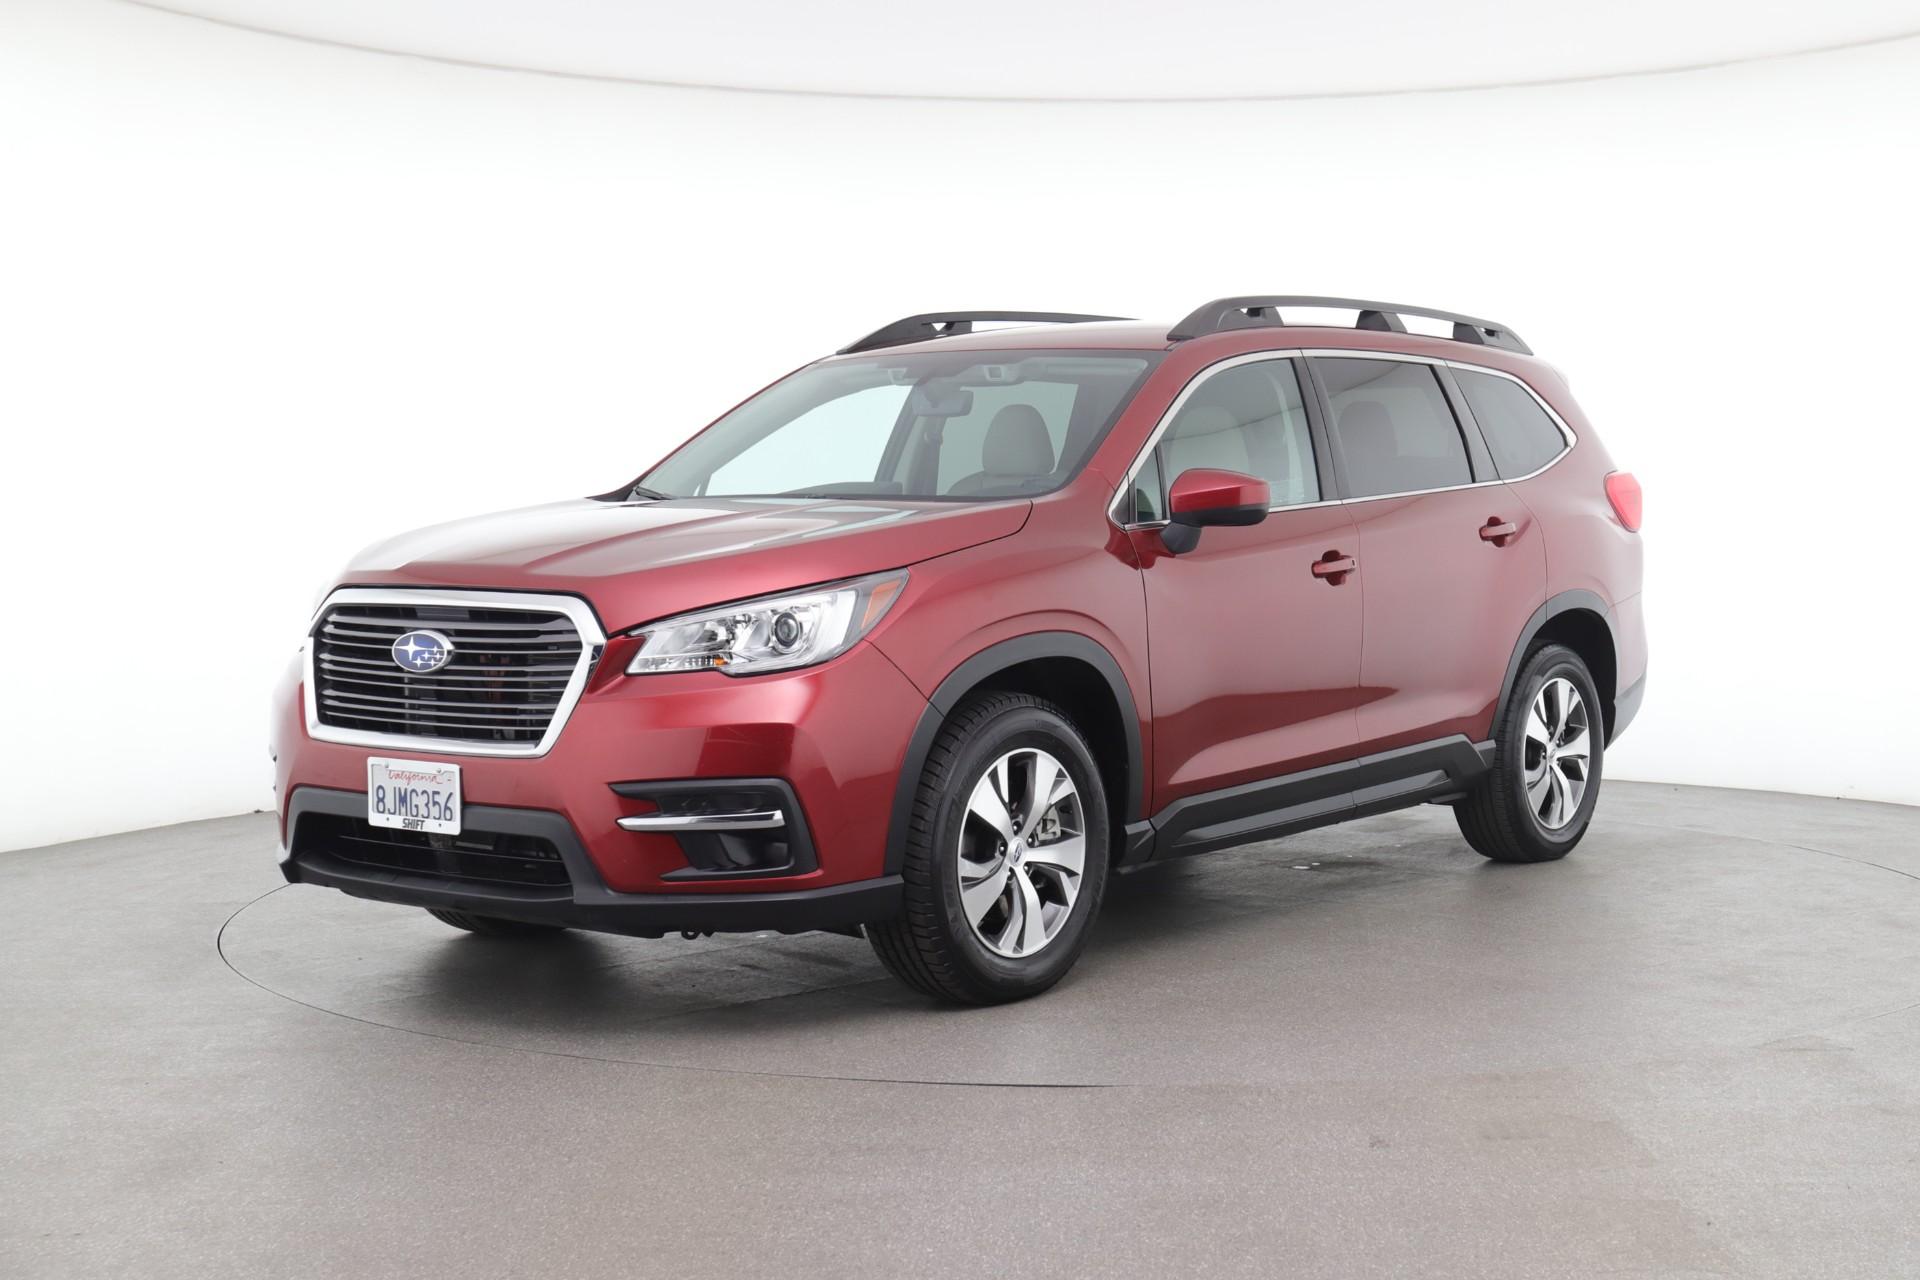 2019 Subaru Ascent Premium (from $30,950)